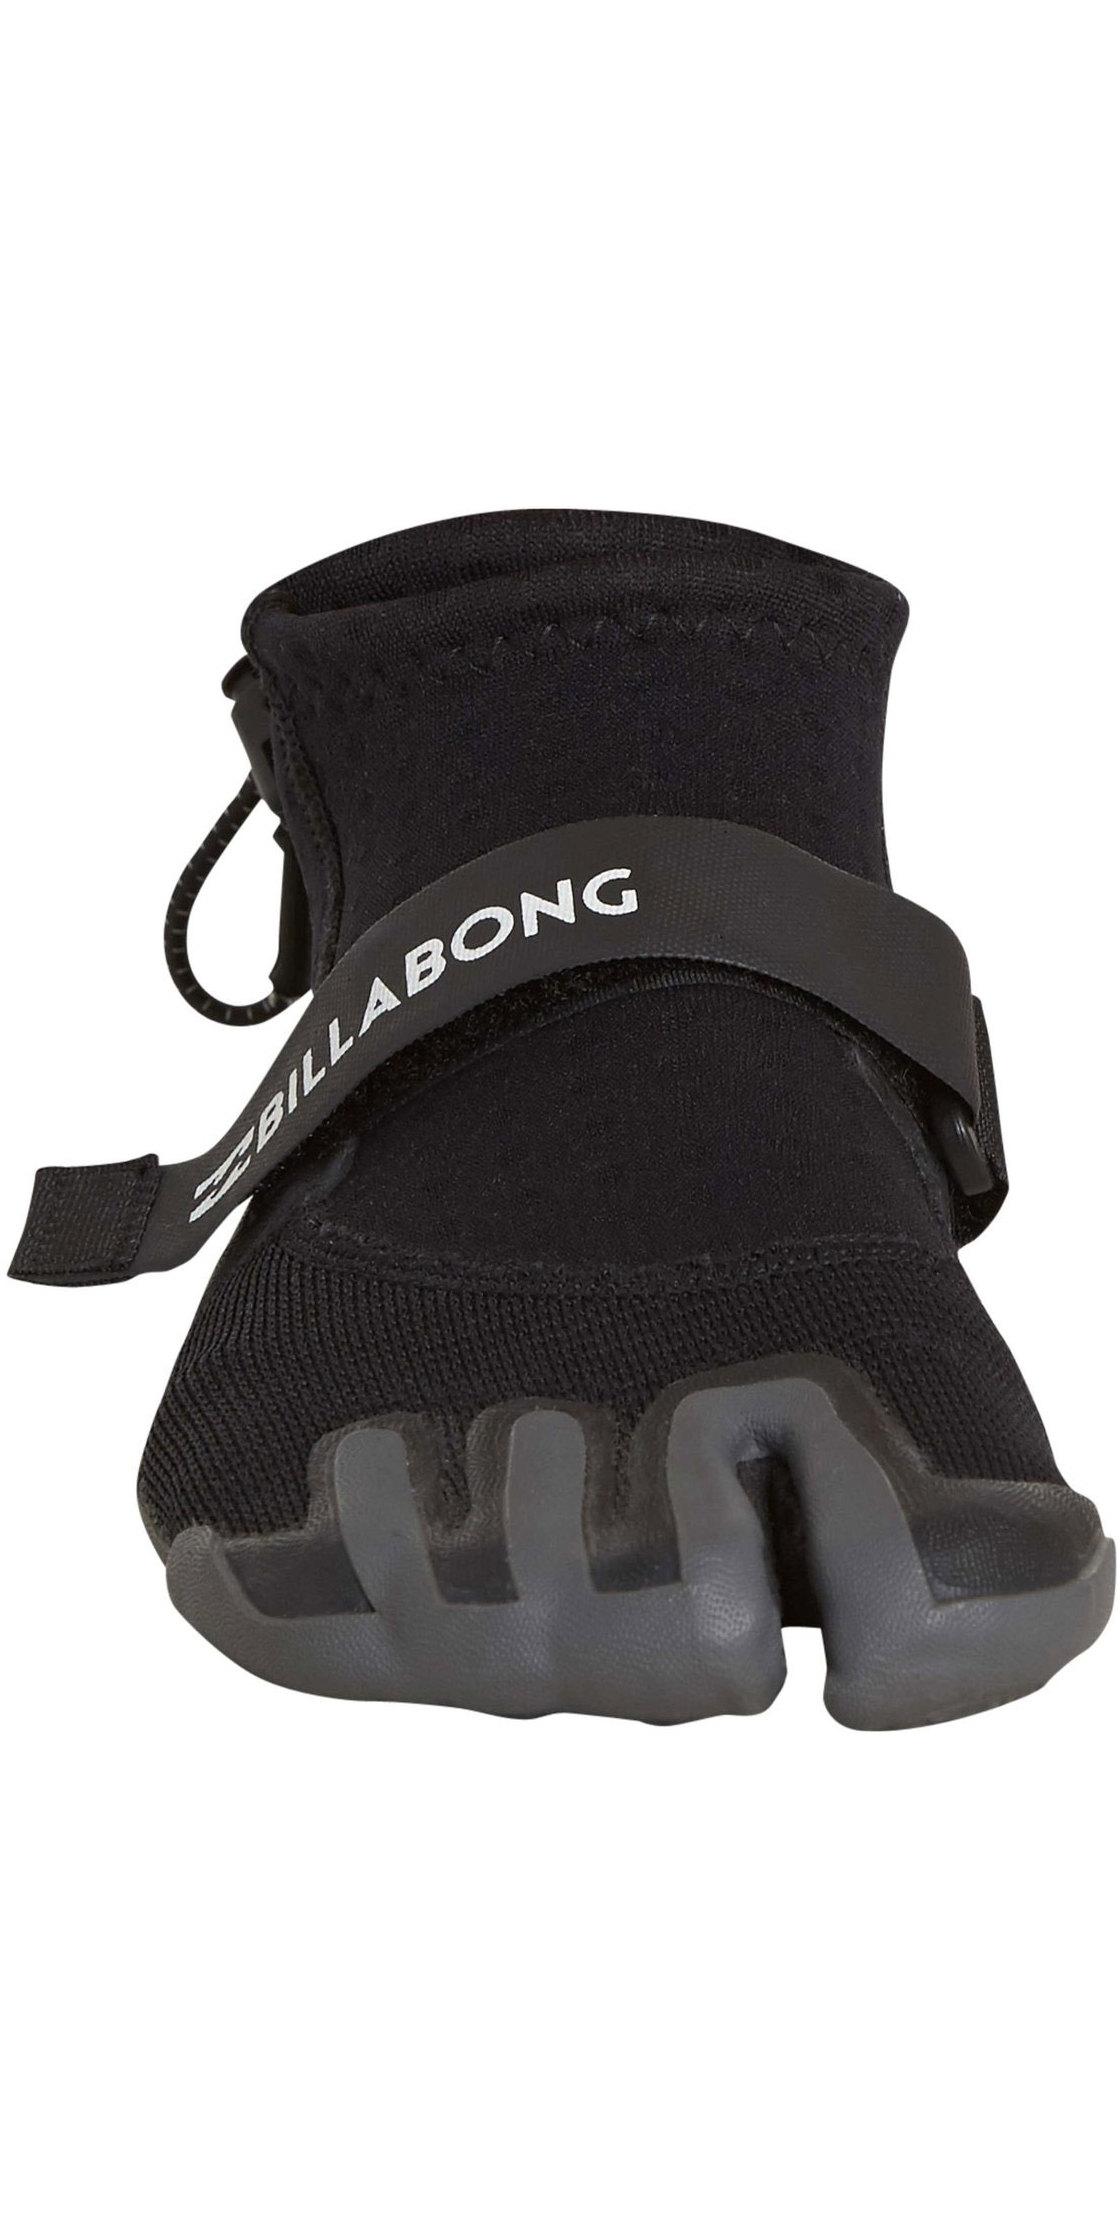 2019 Billabong 2mm Pro Reef Boots Black H4BT03